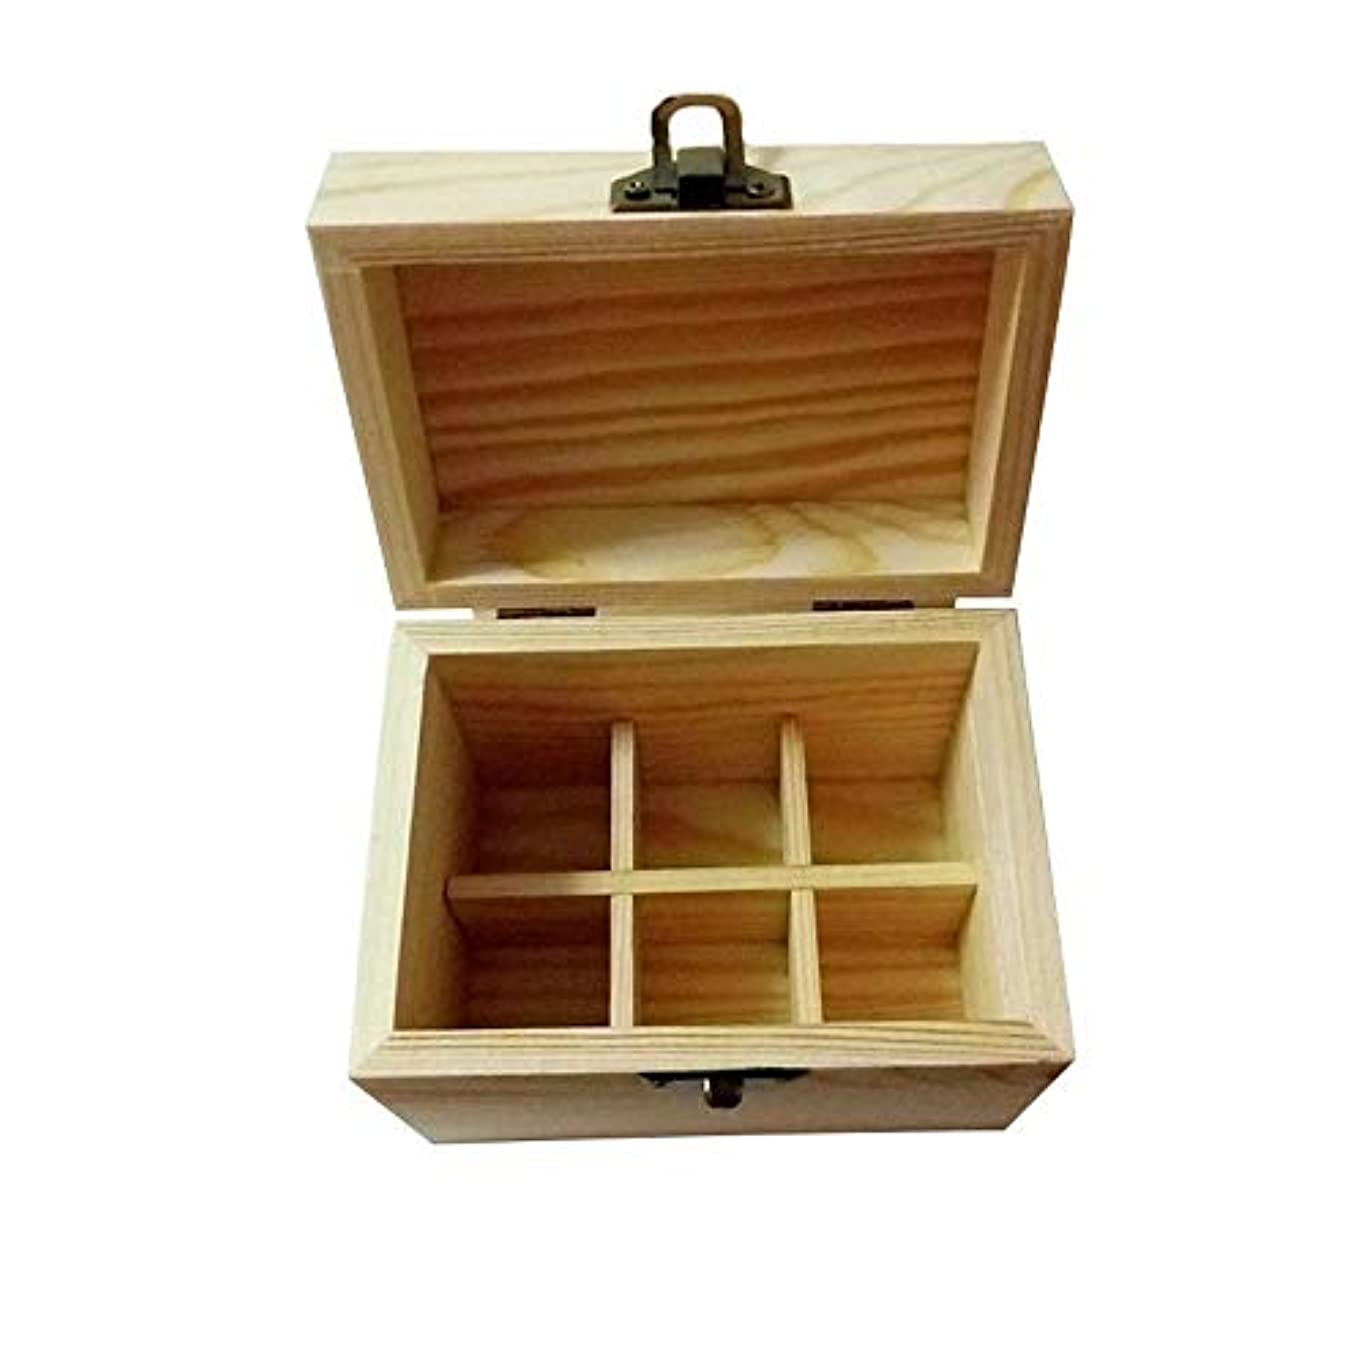 隣接する降伏被るエッセンシャルオイル収納ボックス エッセンシャルオイルストレージボックスケース木製??の主催者は表示11.5x8x9.5cmを運び、ホームストレージセーフ6本のボトルを保持します (色 : Natural, サイズ :...